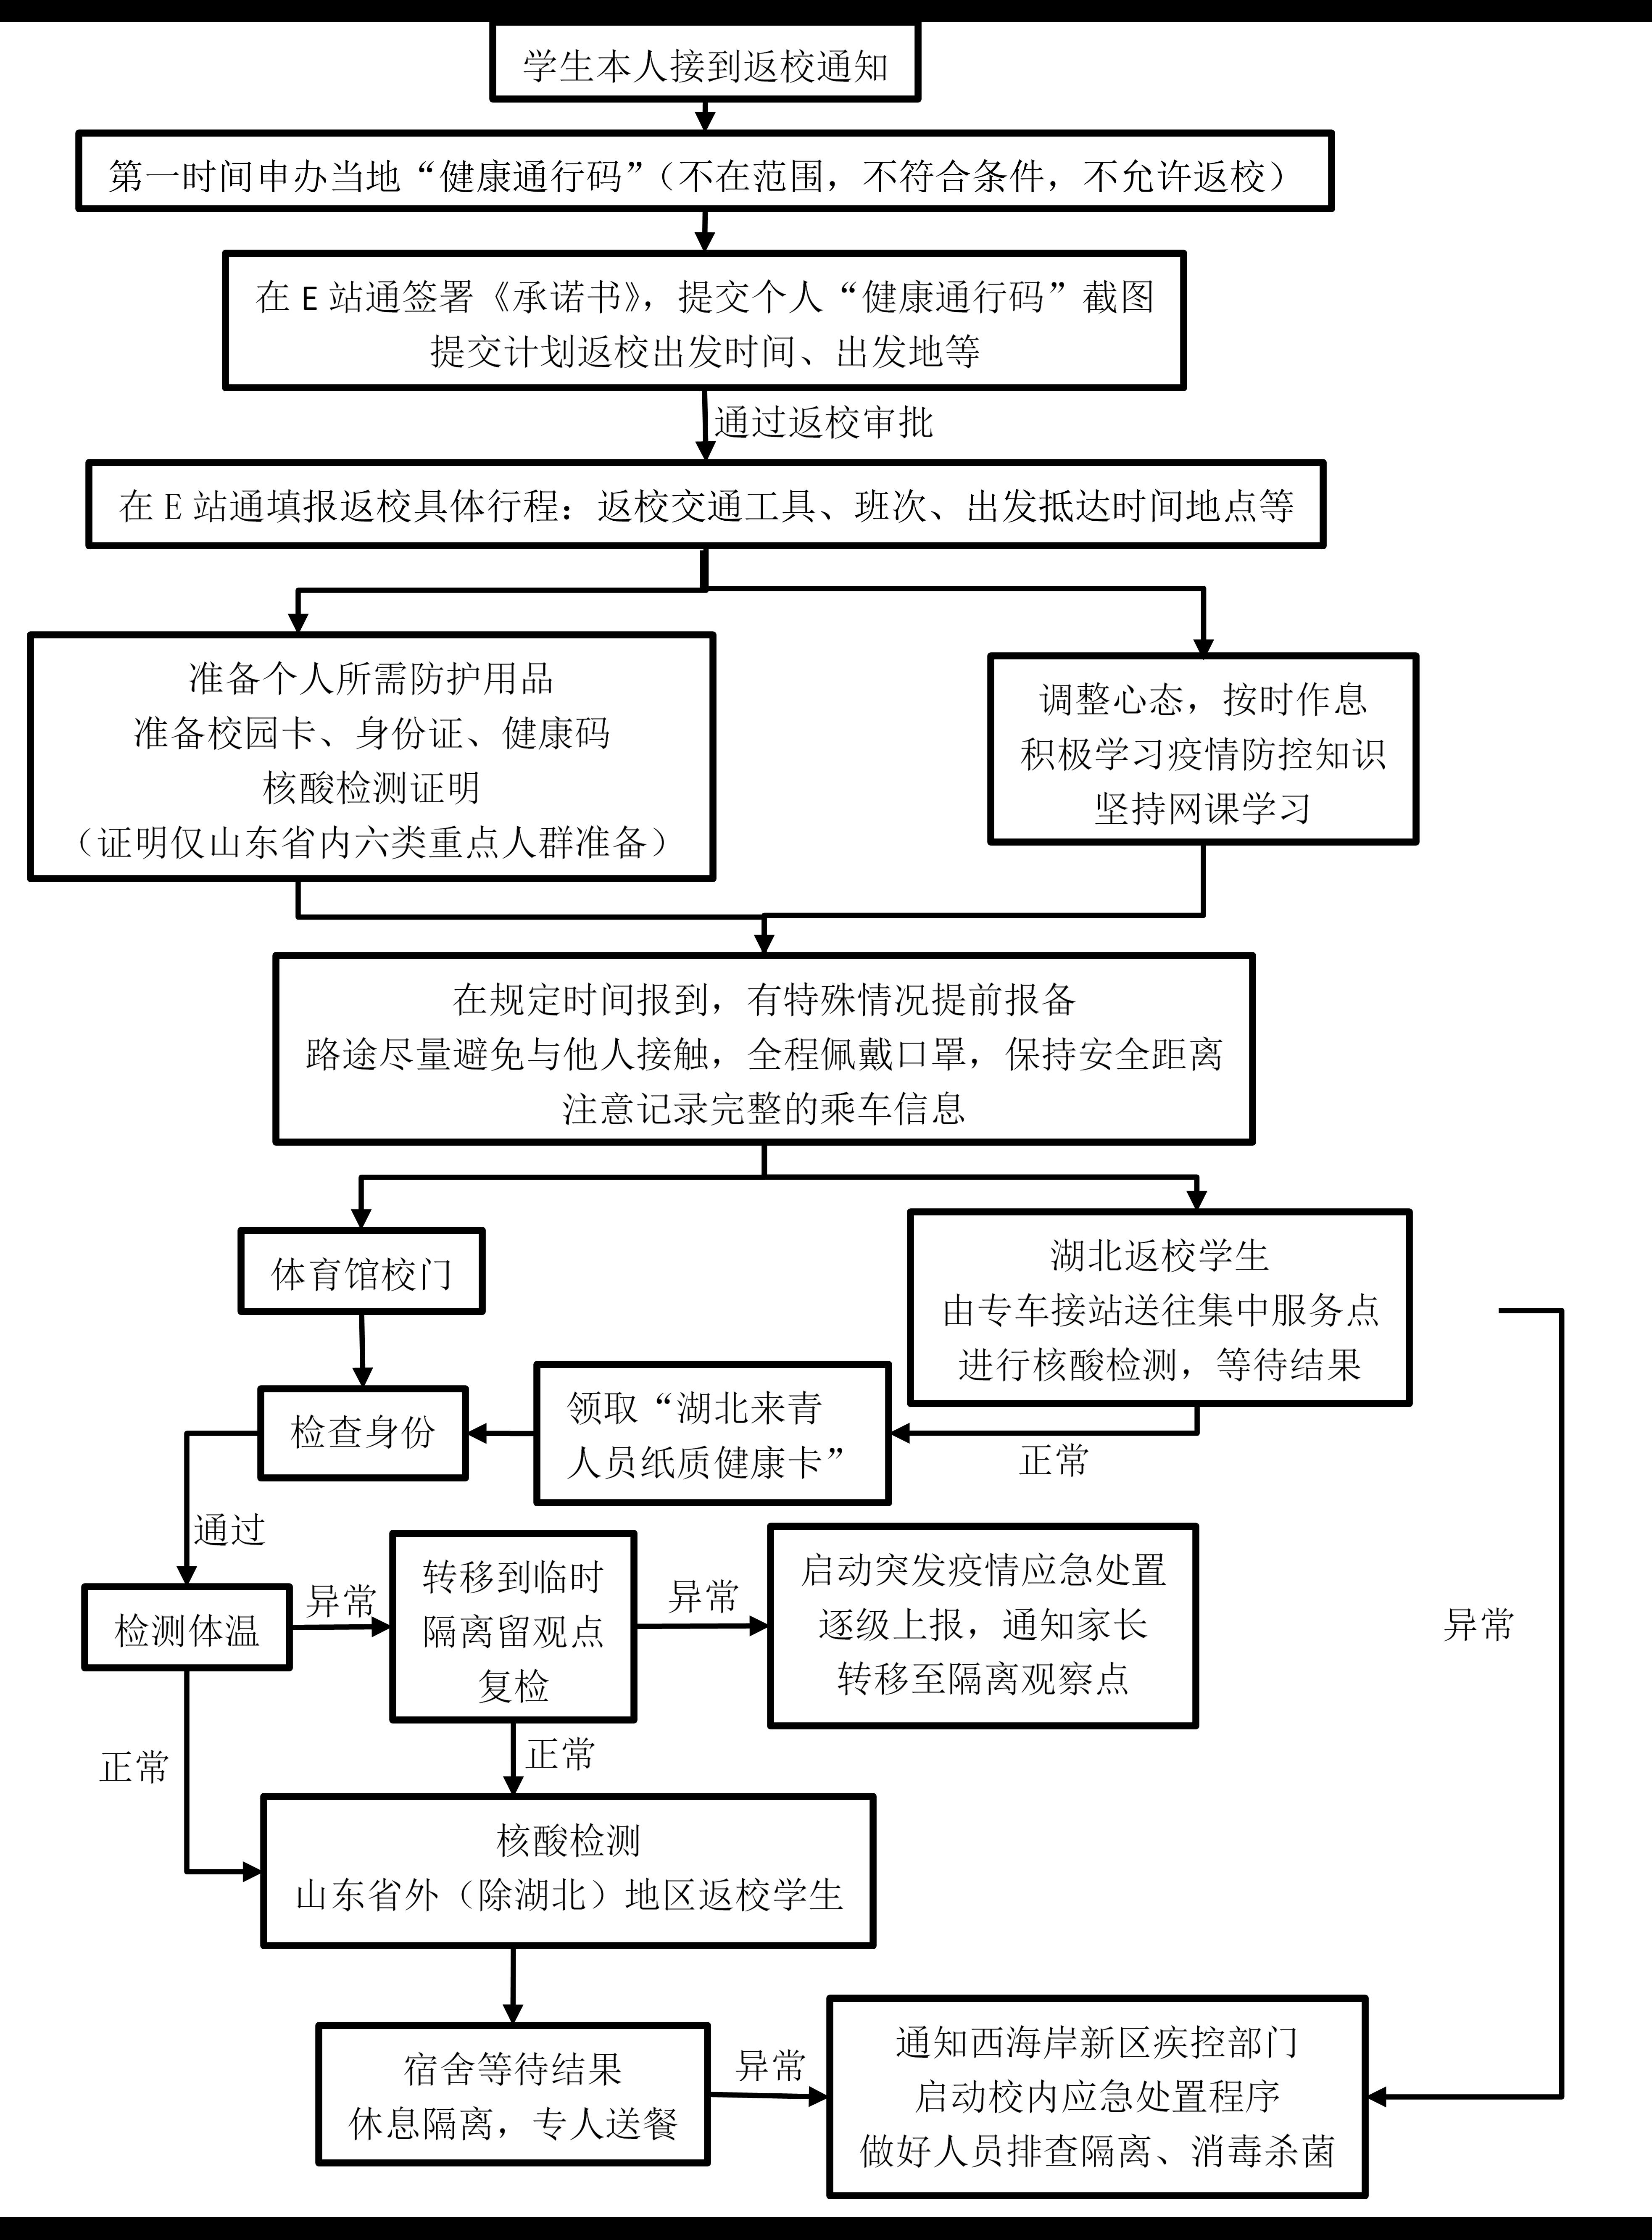 中国石油大学(华东)学生返校注意事项